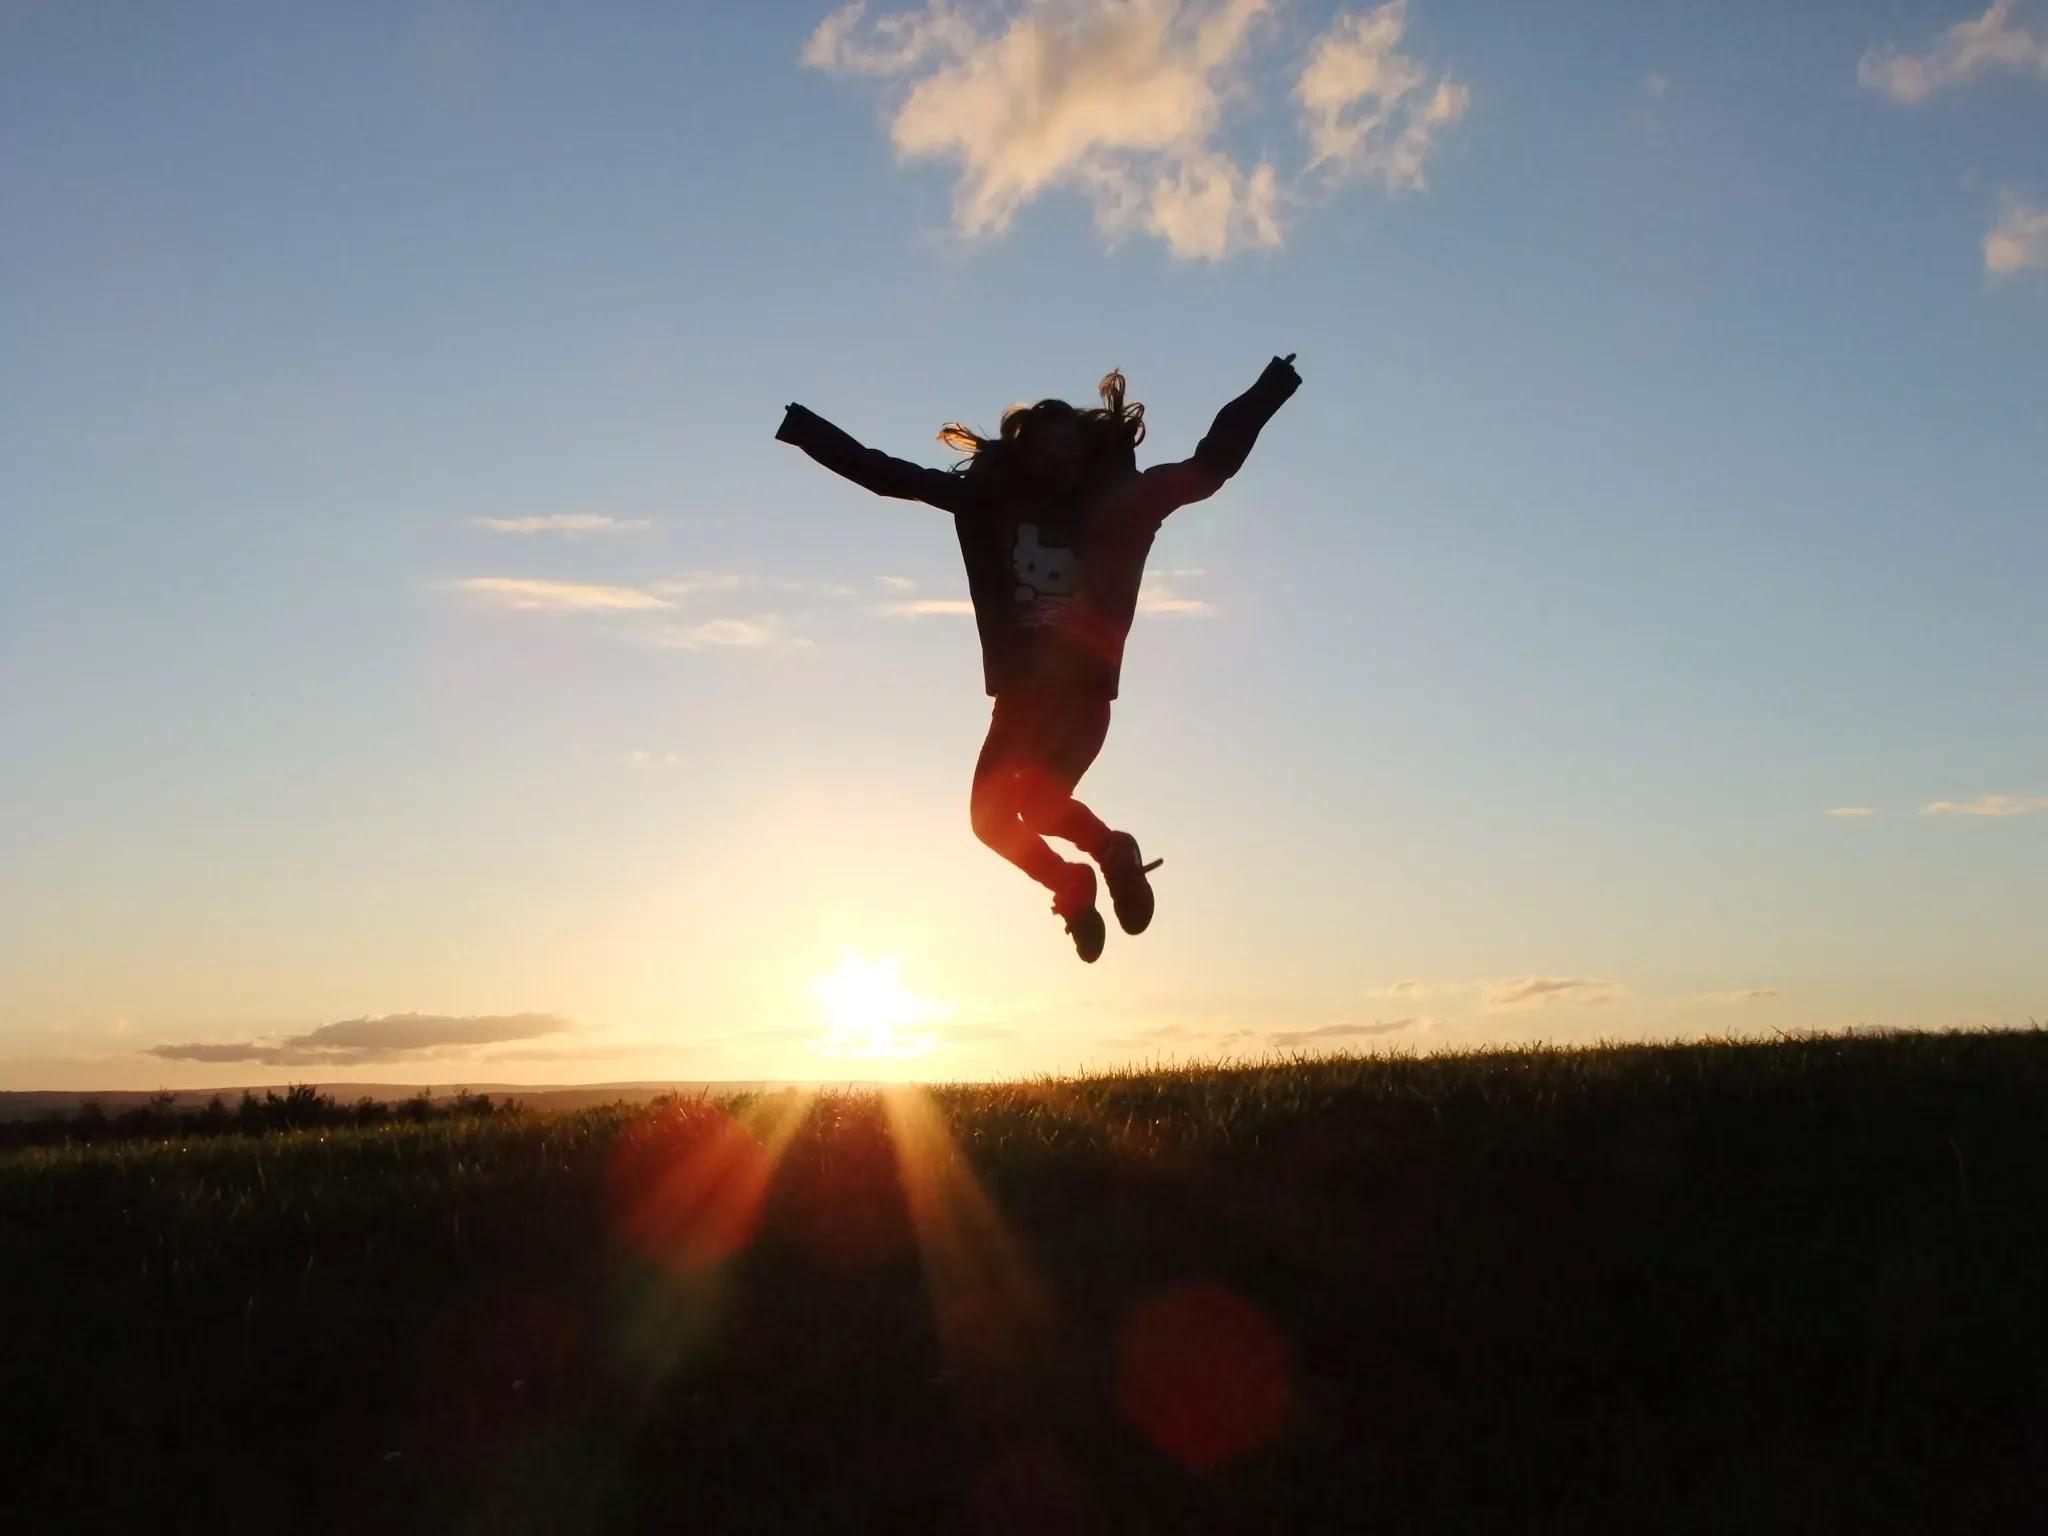 असफलता के बाद कैसे उठें- 8 Easy Steps